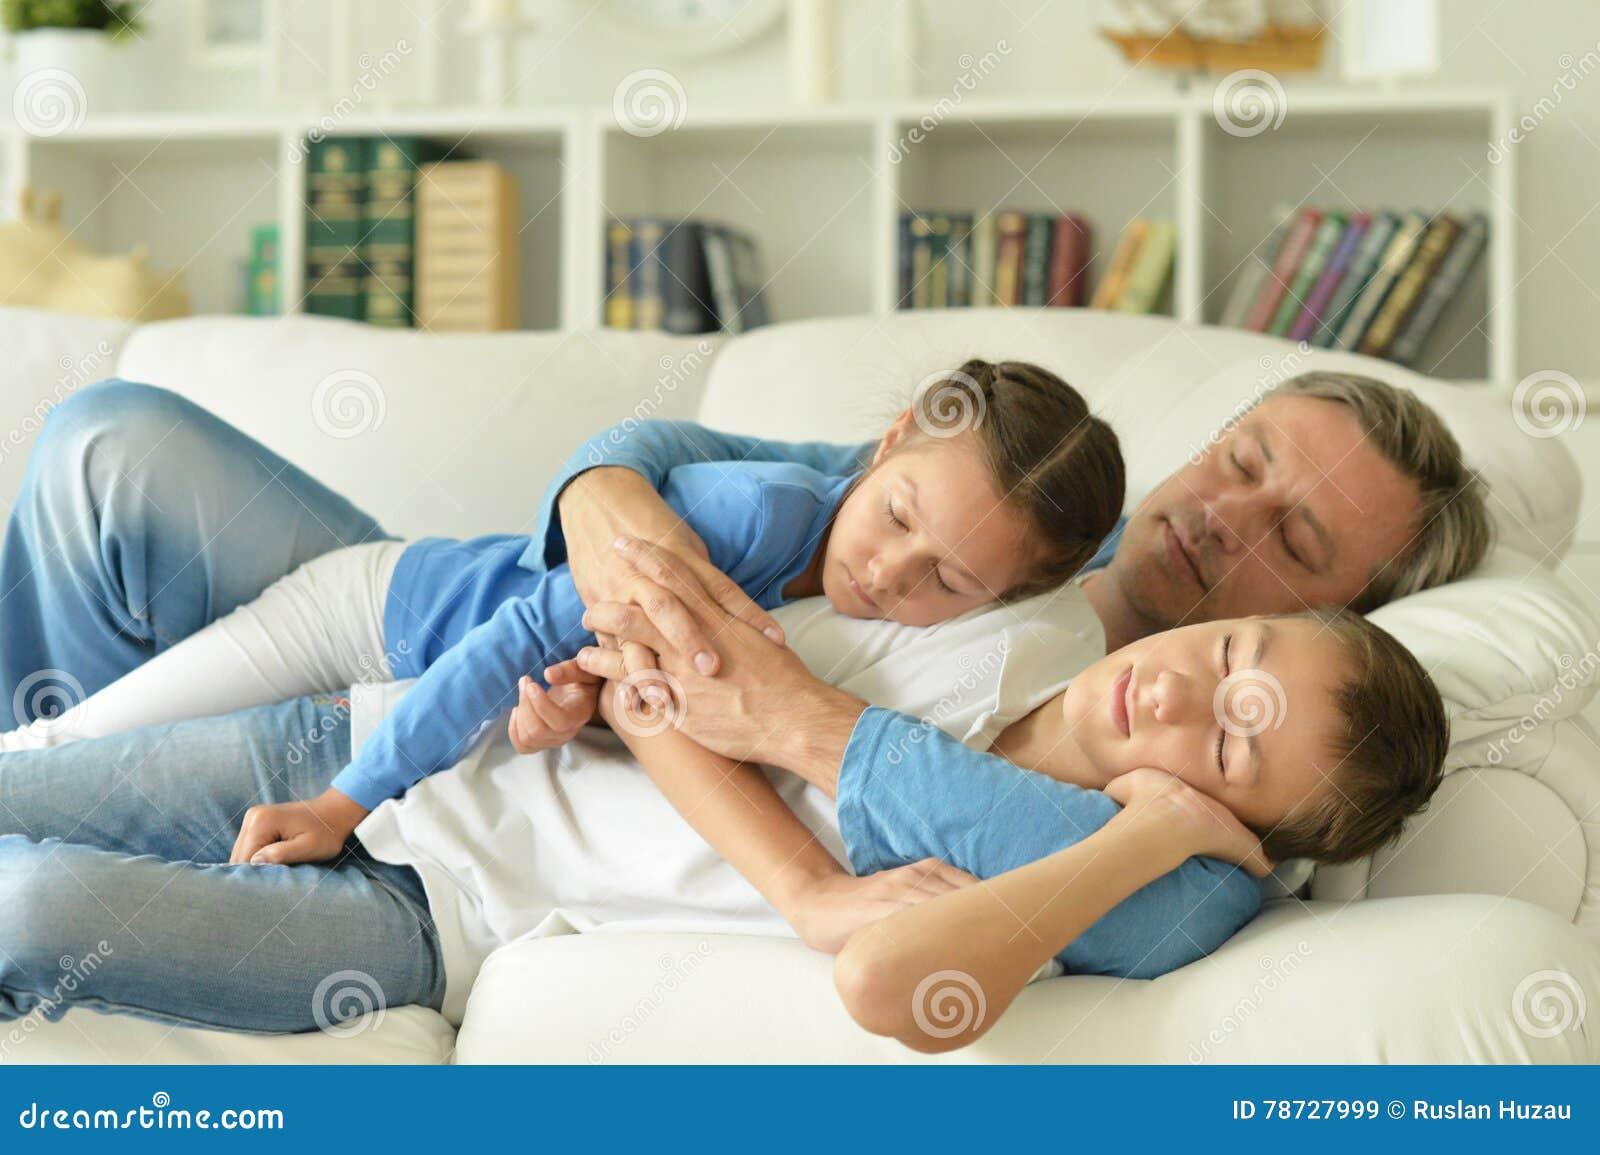 Sova brodern, systern och fadern i rum